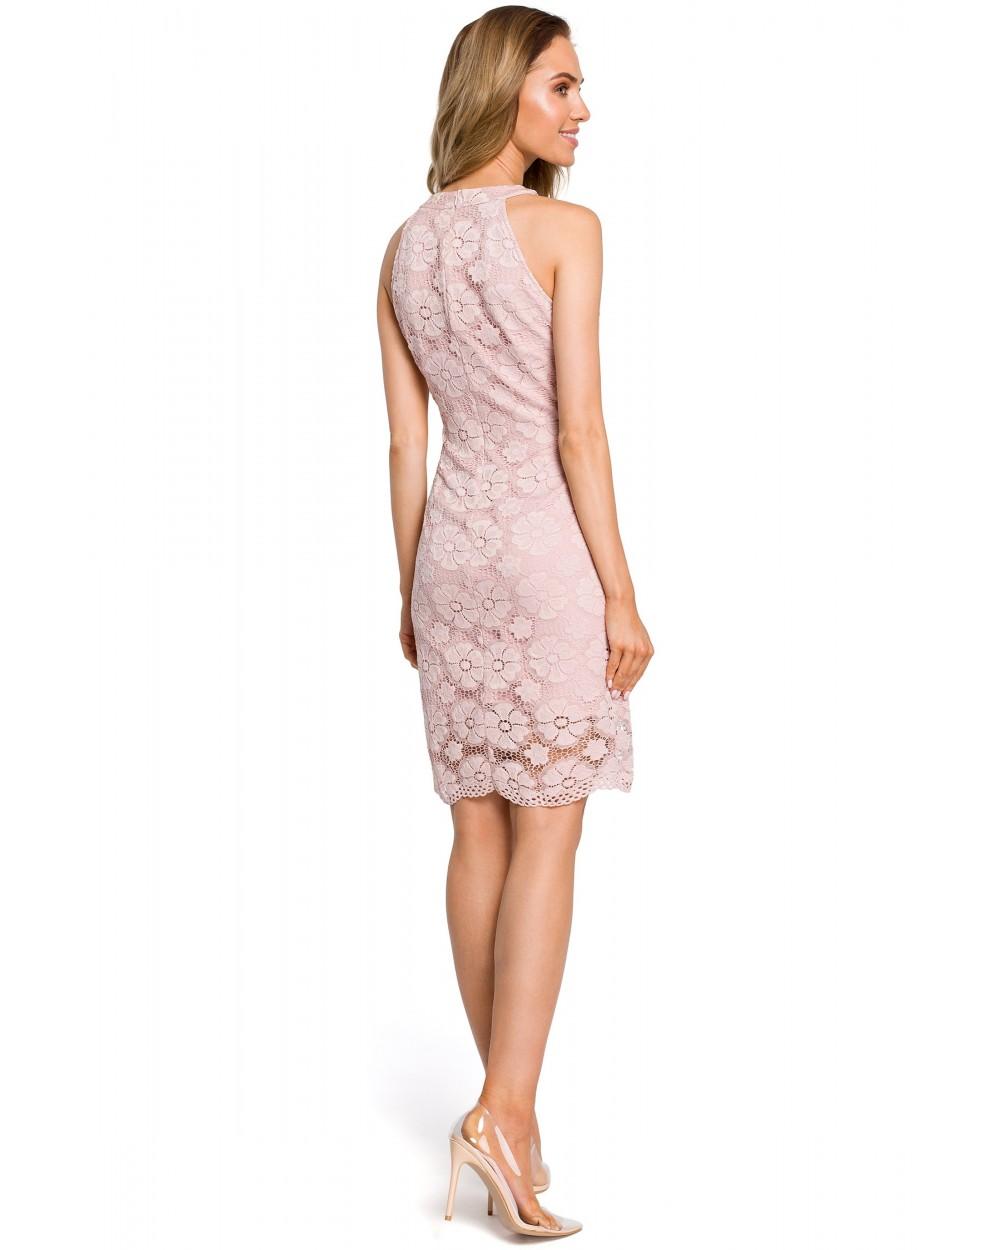 5bd904516f69bc Sukienka damska koronkowa w kolorze różowym ołówkowa sklep online